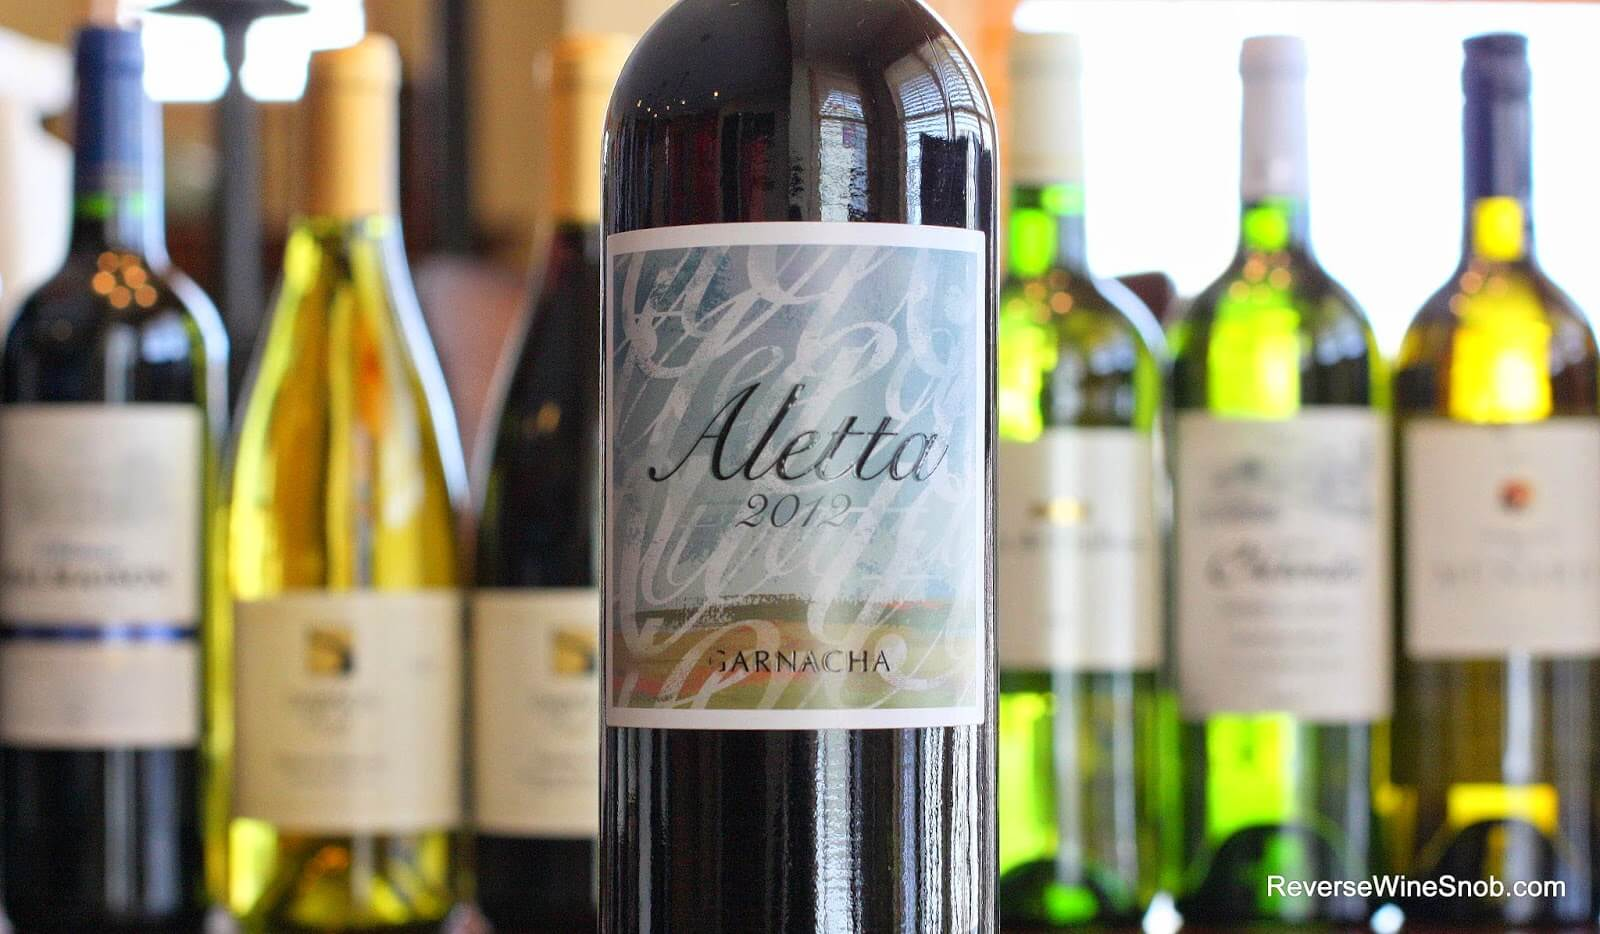 2012-aletta-garnacha